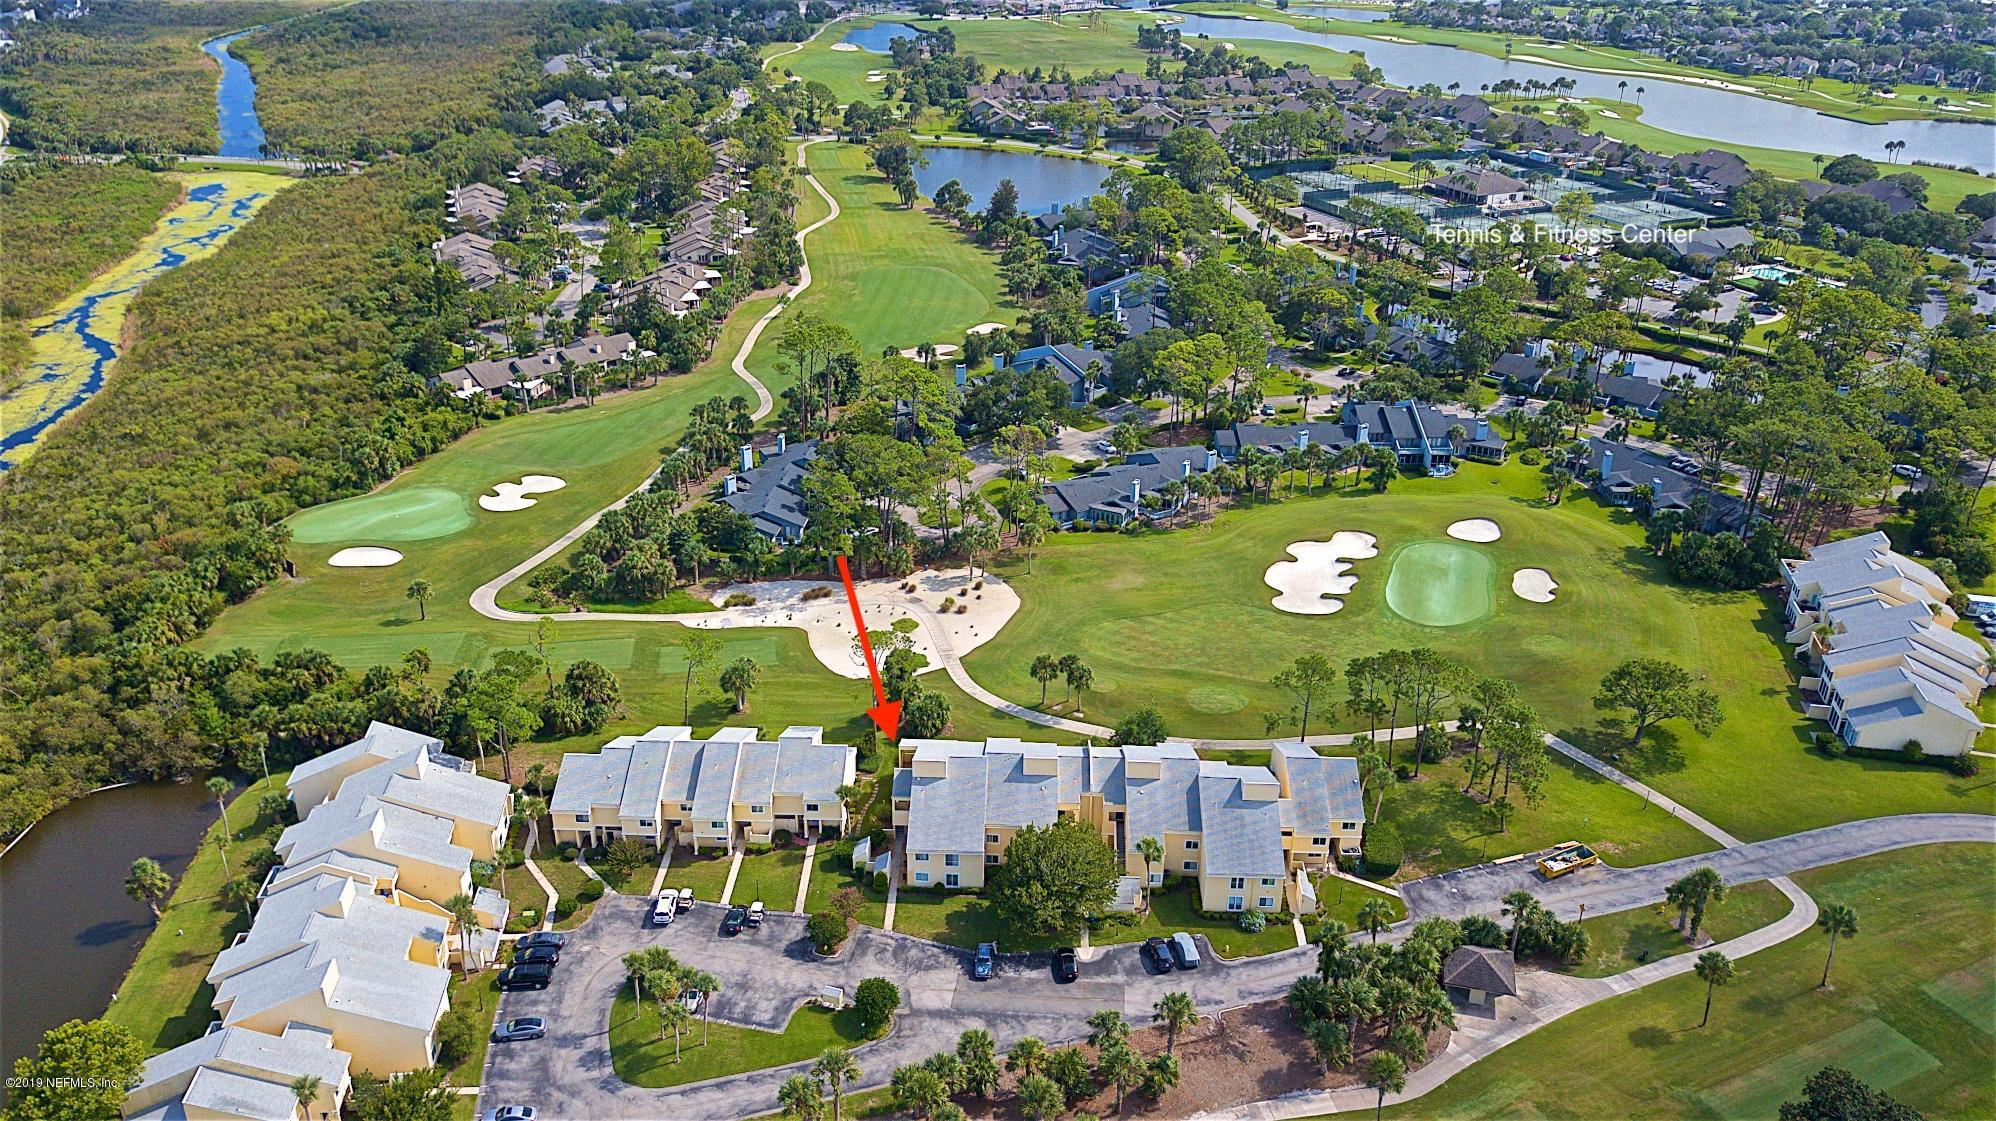 21 TIFTON- PONTE VEDRA BEACH- FLORIDA 32082, 2 Bedrooms Bedrooms, ,2 BathroomsBathrooms,Condo,For sale,TIFTON,1019889